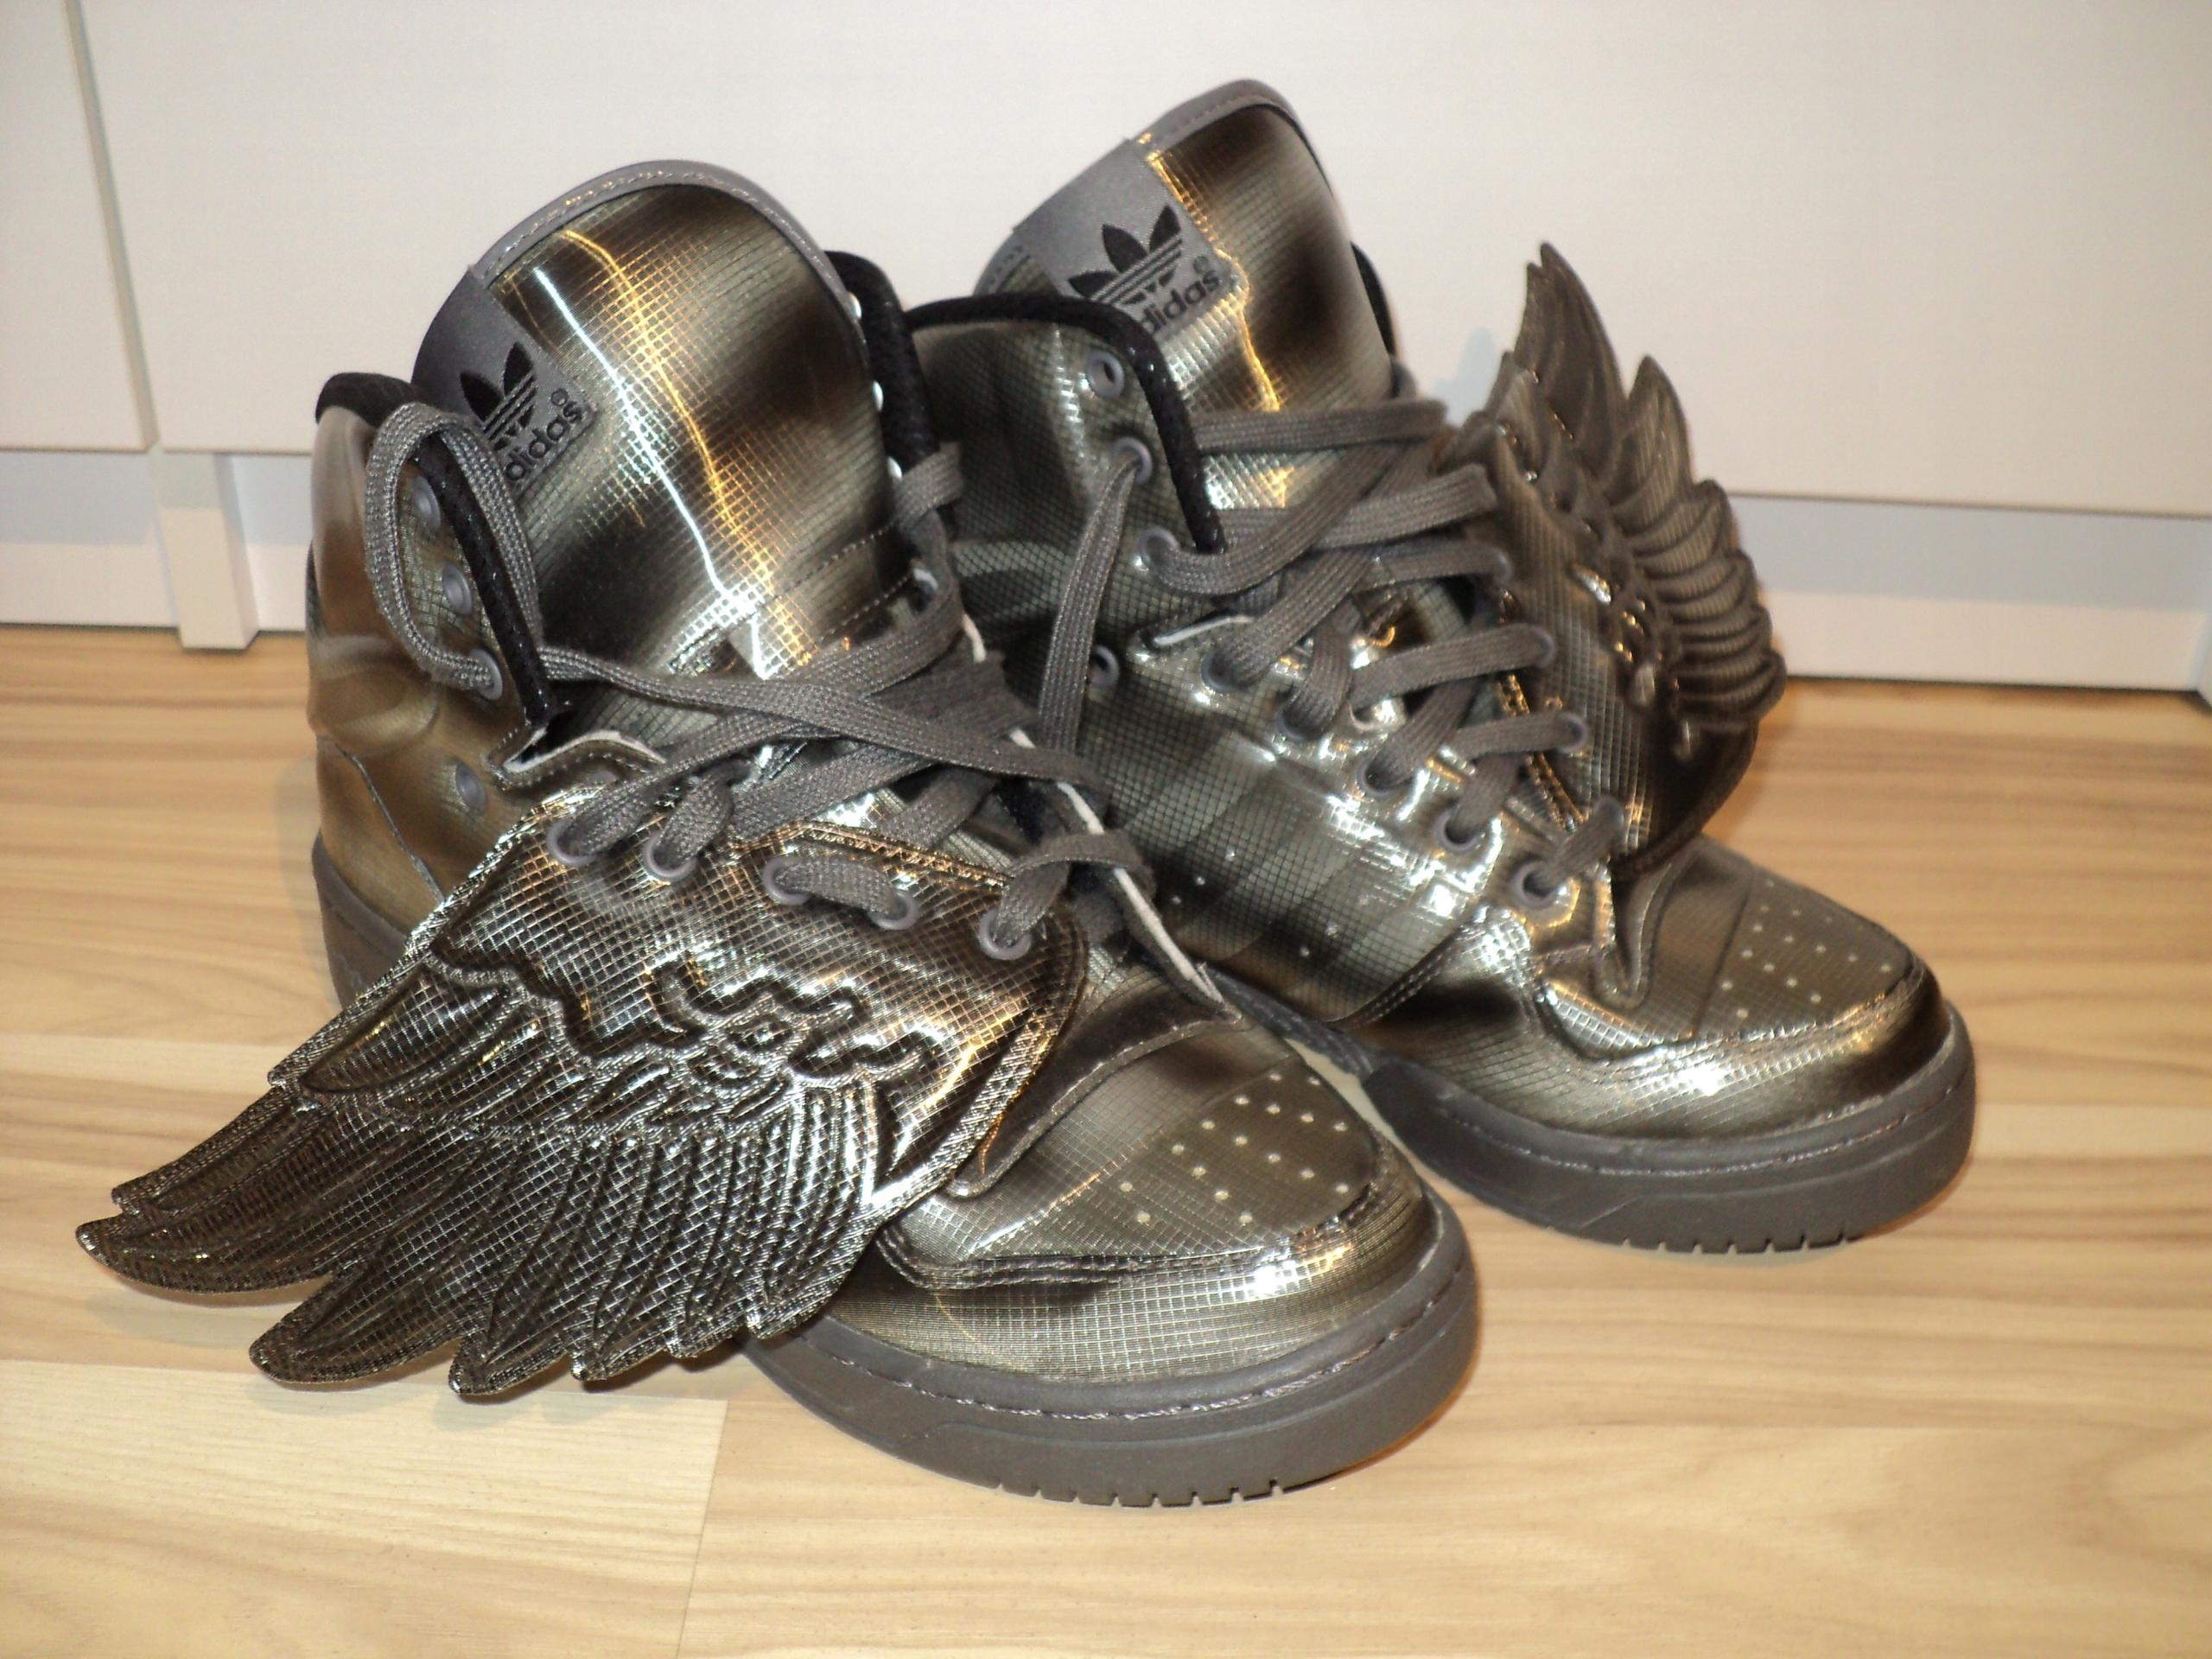 8a0e515f9f764 Buty Adidas Jeremy Scott j NOWE 40 grafit antracyt - 7675640216 ...